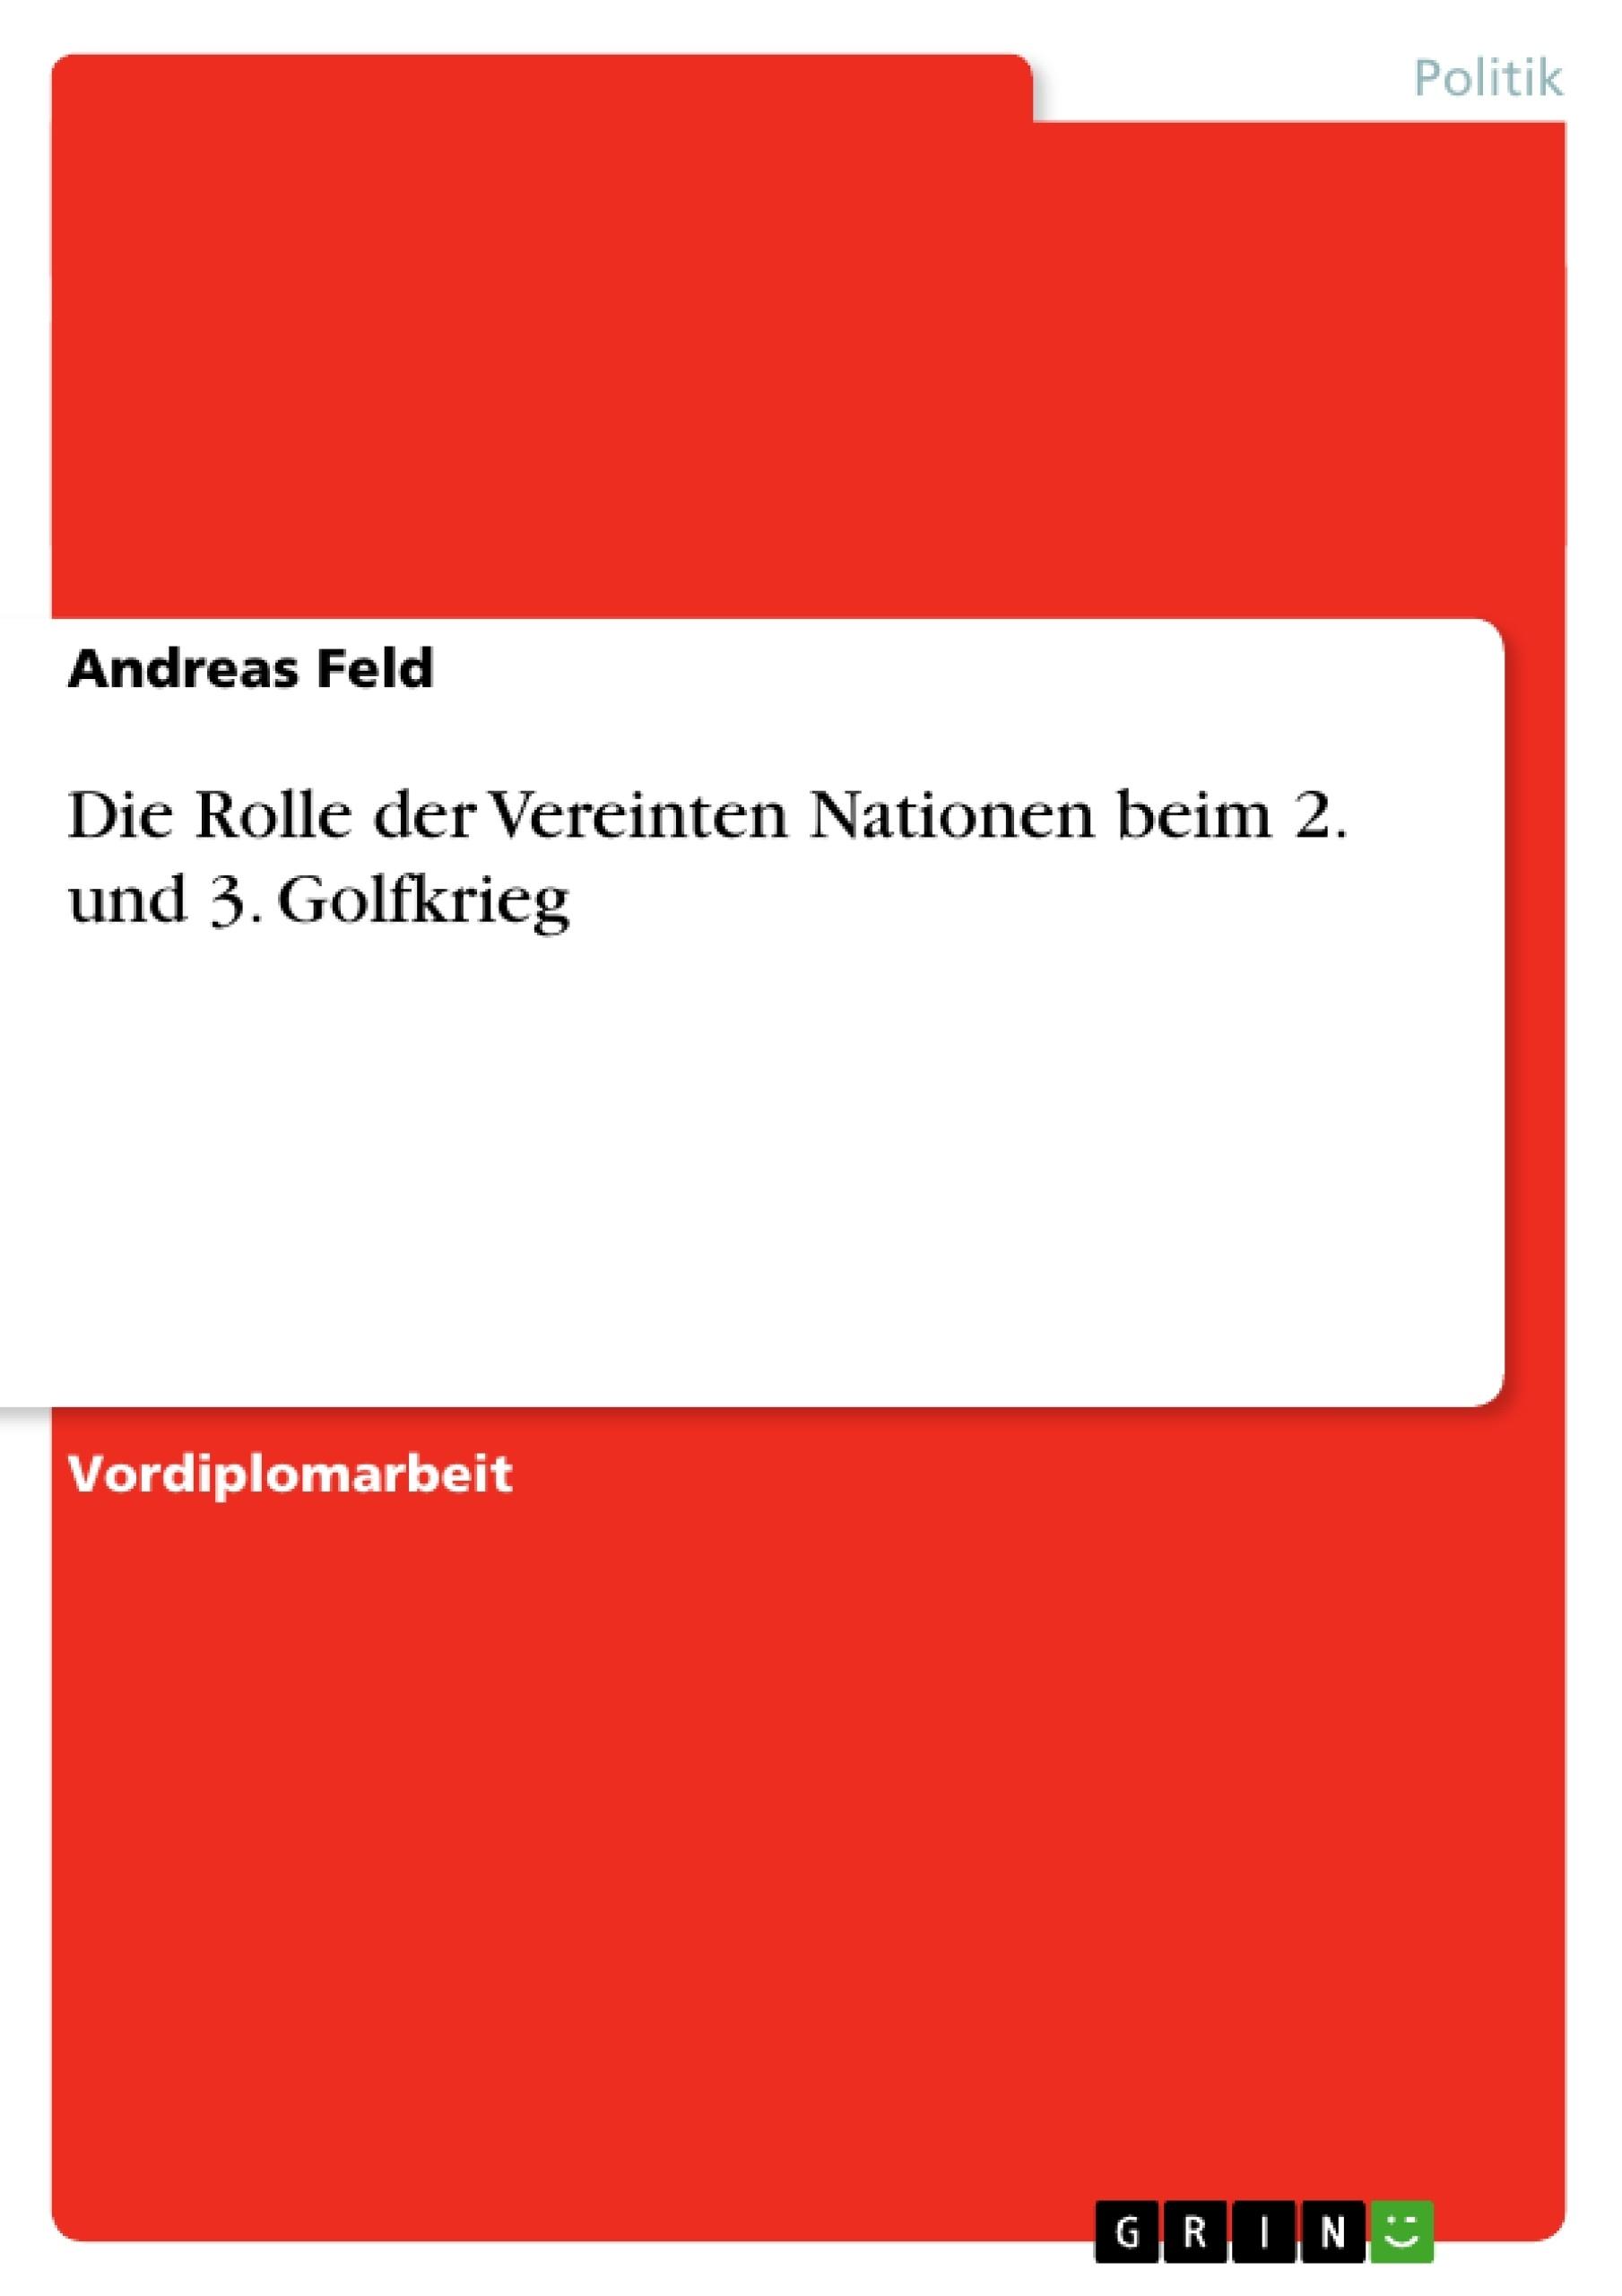 Titel: Die Rolle der Vereinten Nationen beim 2. und 3. Golfkrieg